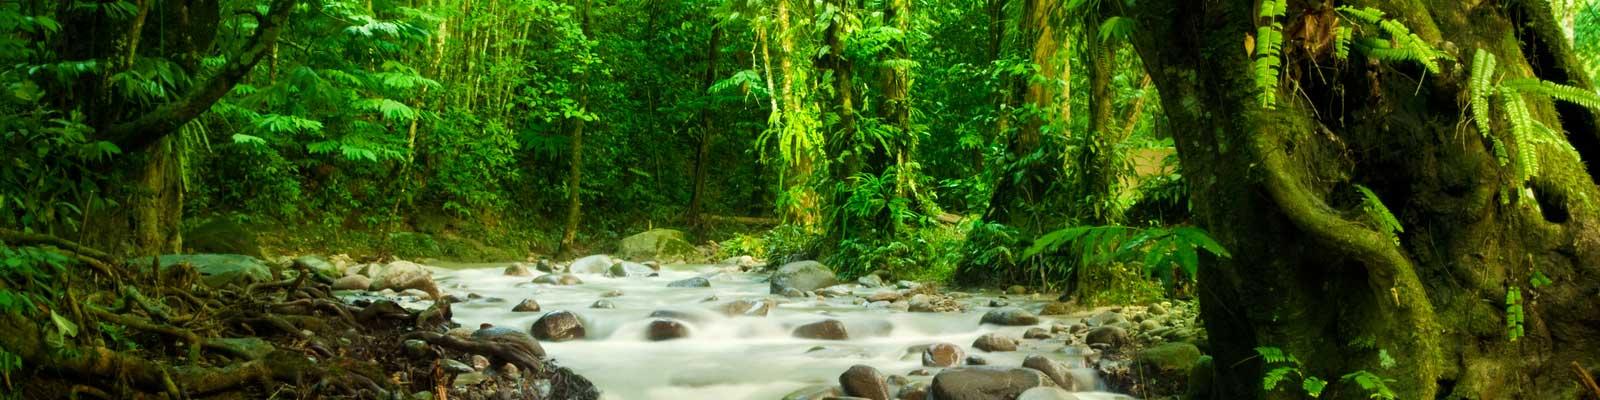 Costa Rica Privatimmobilien - Ferienhaus, Villa, Bauernhaus